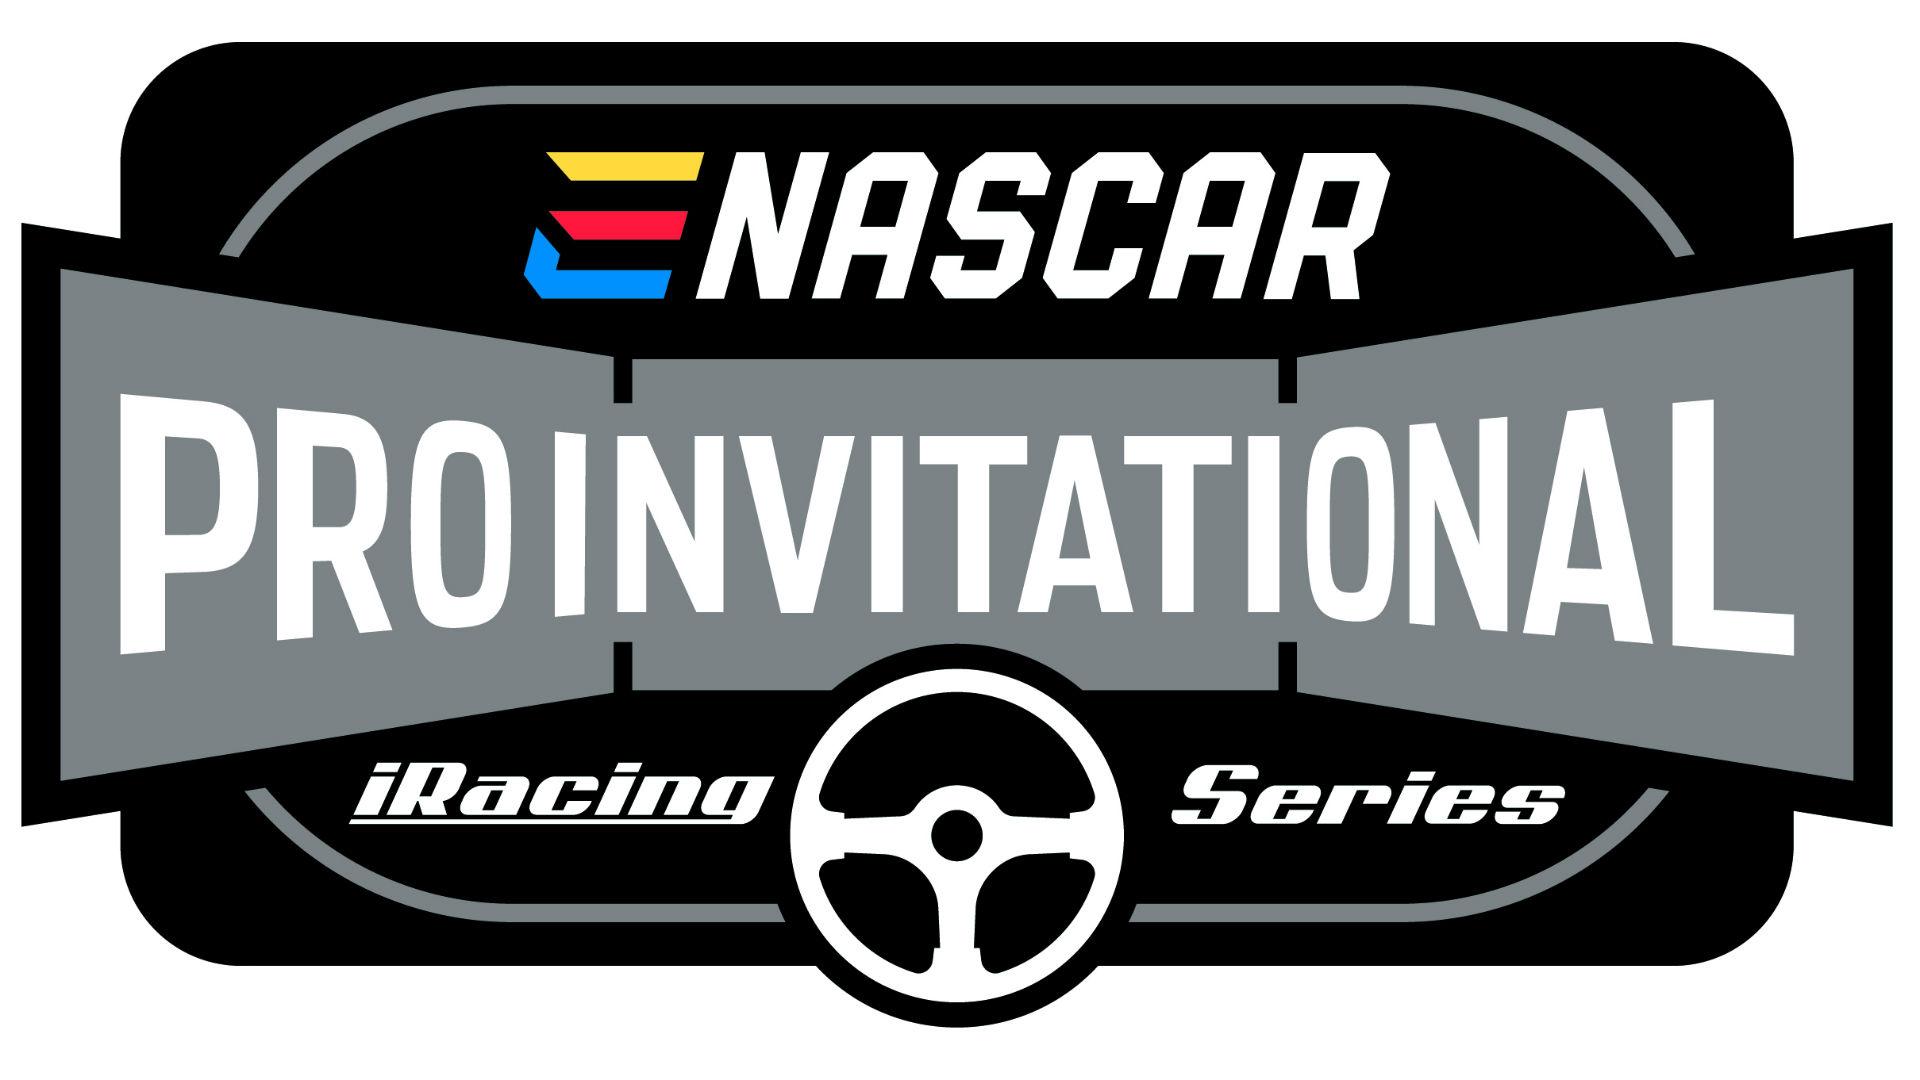 ¿Qué es NASCAR iRacing? Cómo funcionan las carreras virtuales, pilotos, horario completo y más 16